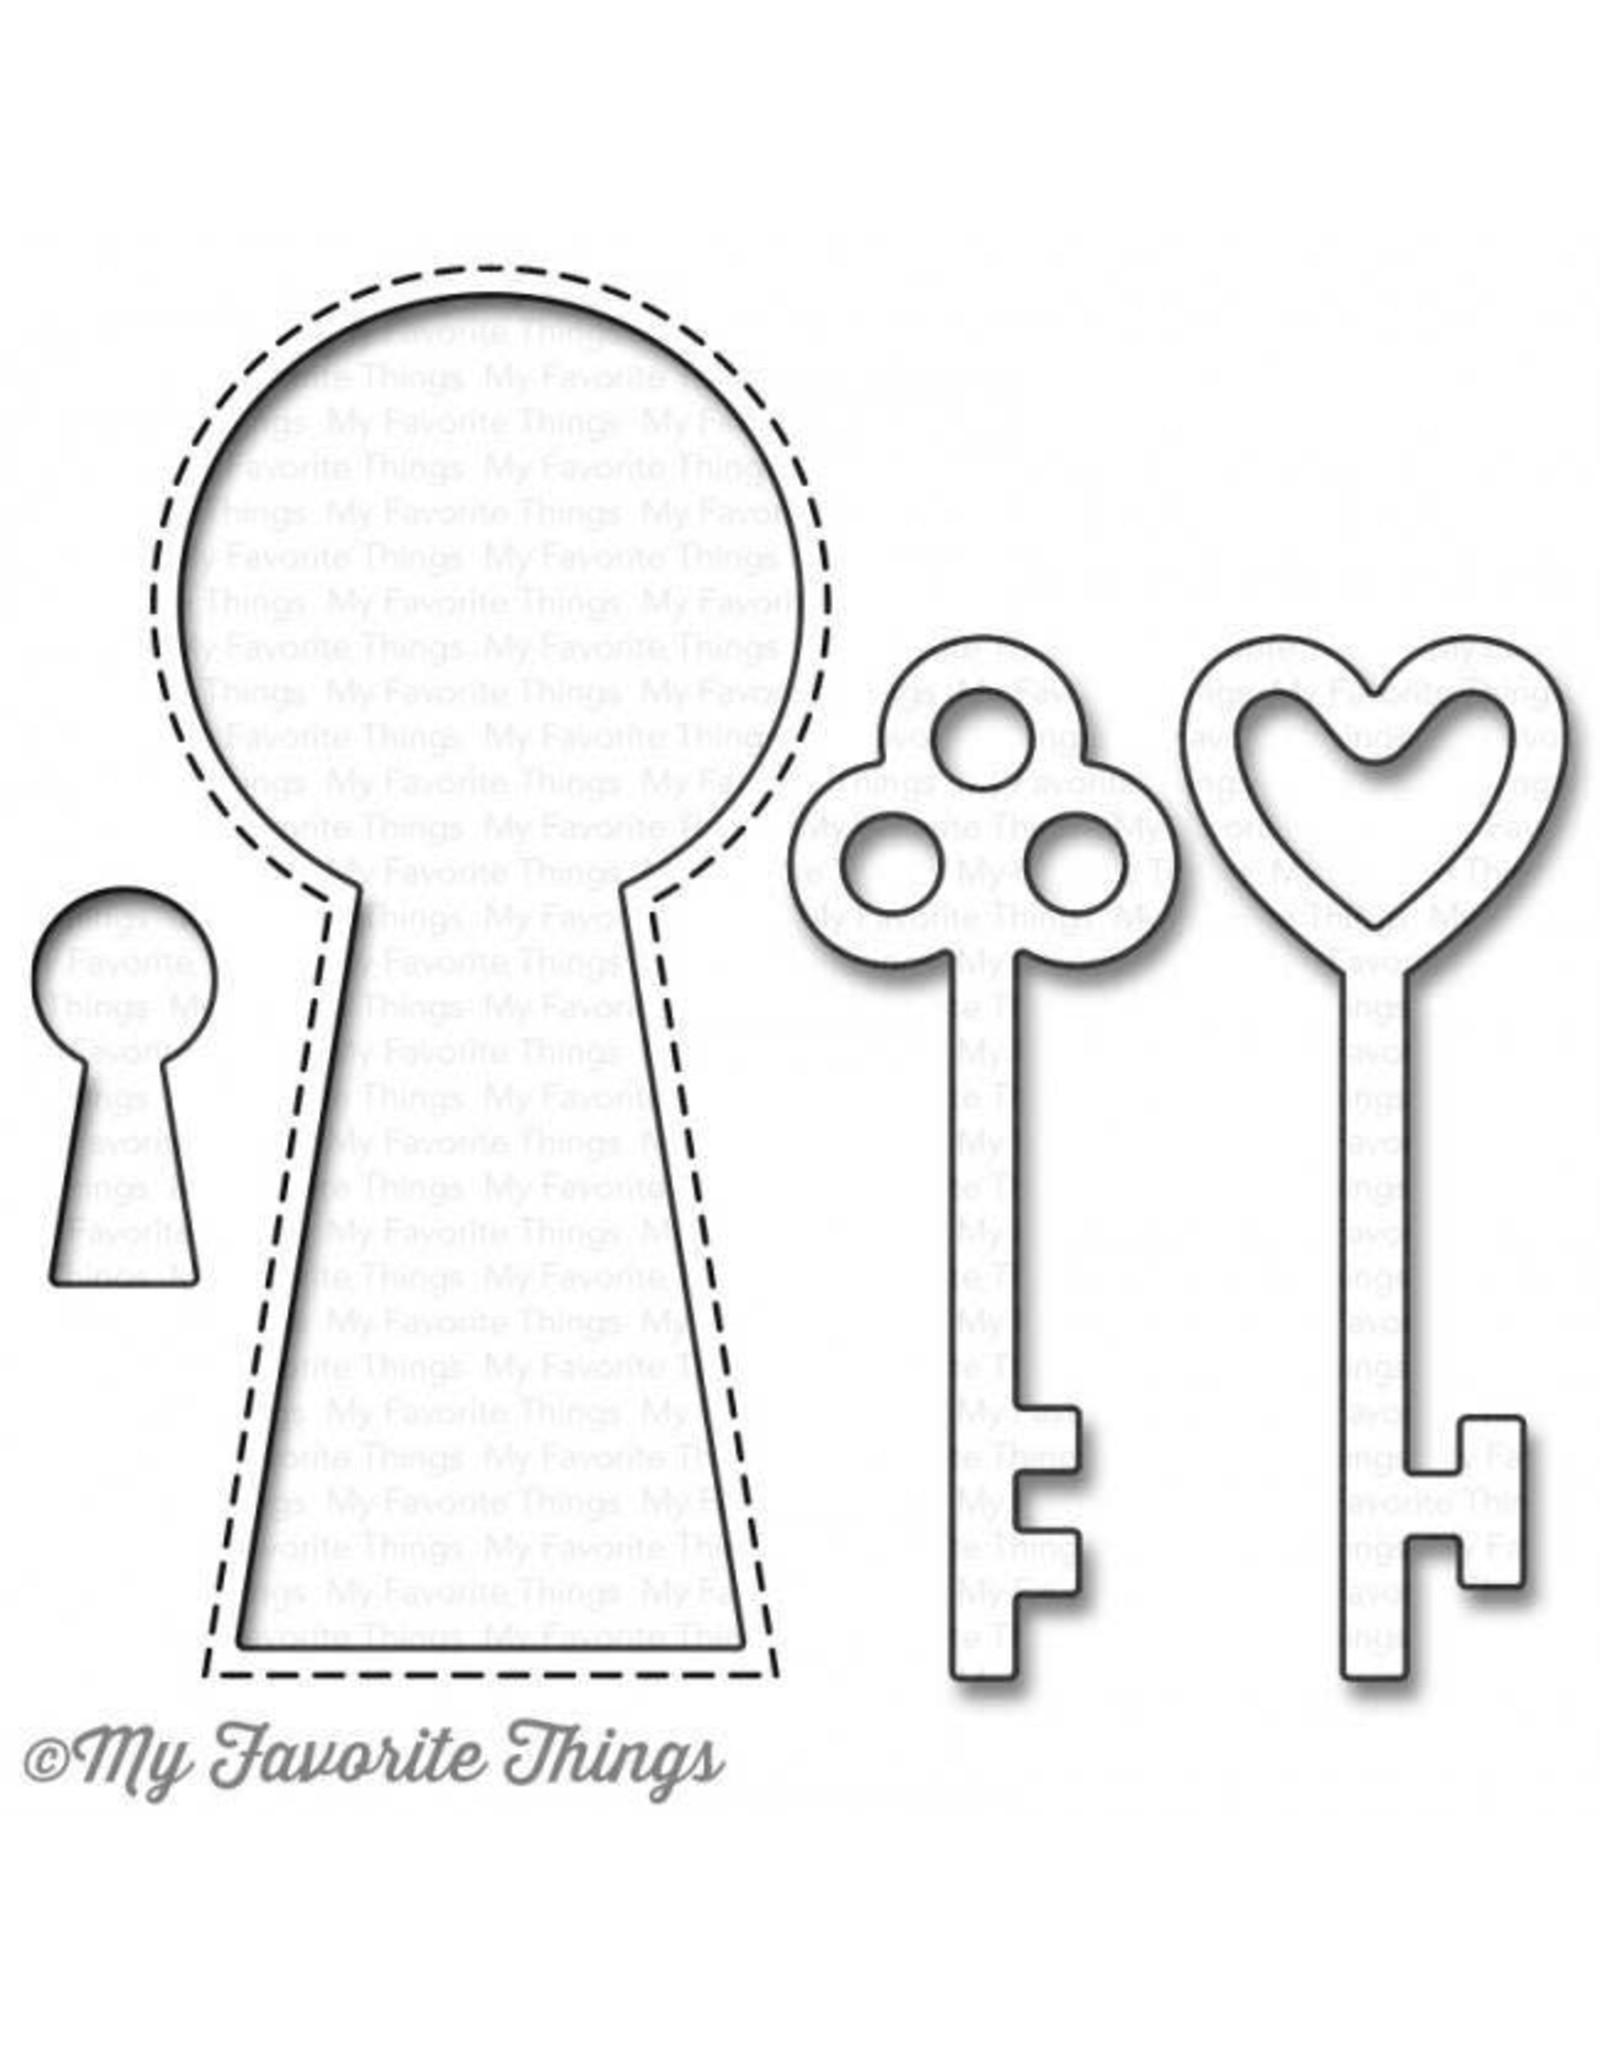 My Favorite Things Lock & Key - Die (RETIRED) (25%)